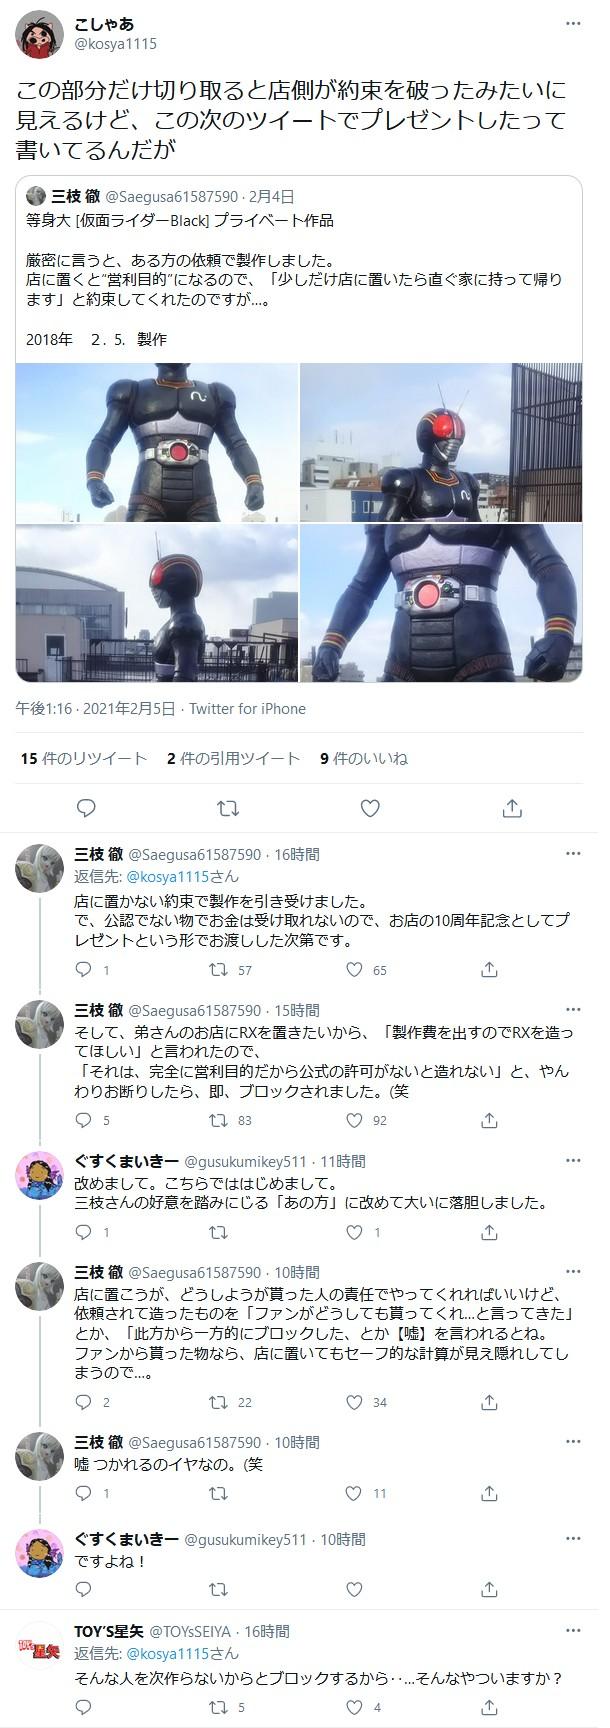 【悲報】仮面ライダーBLACK/南光太郎こと倉田てつをさん…